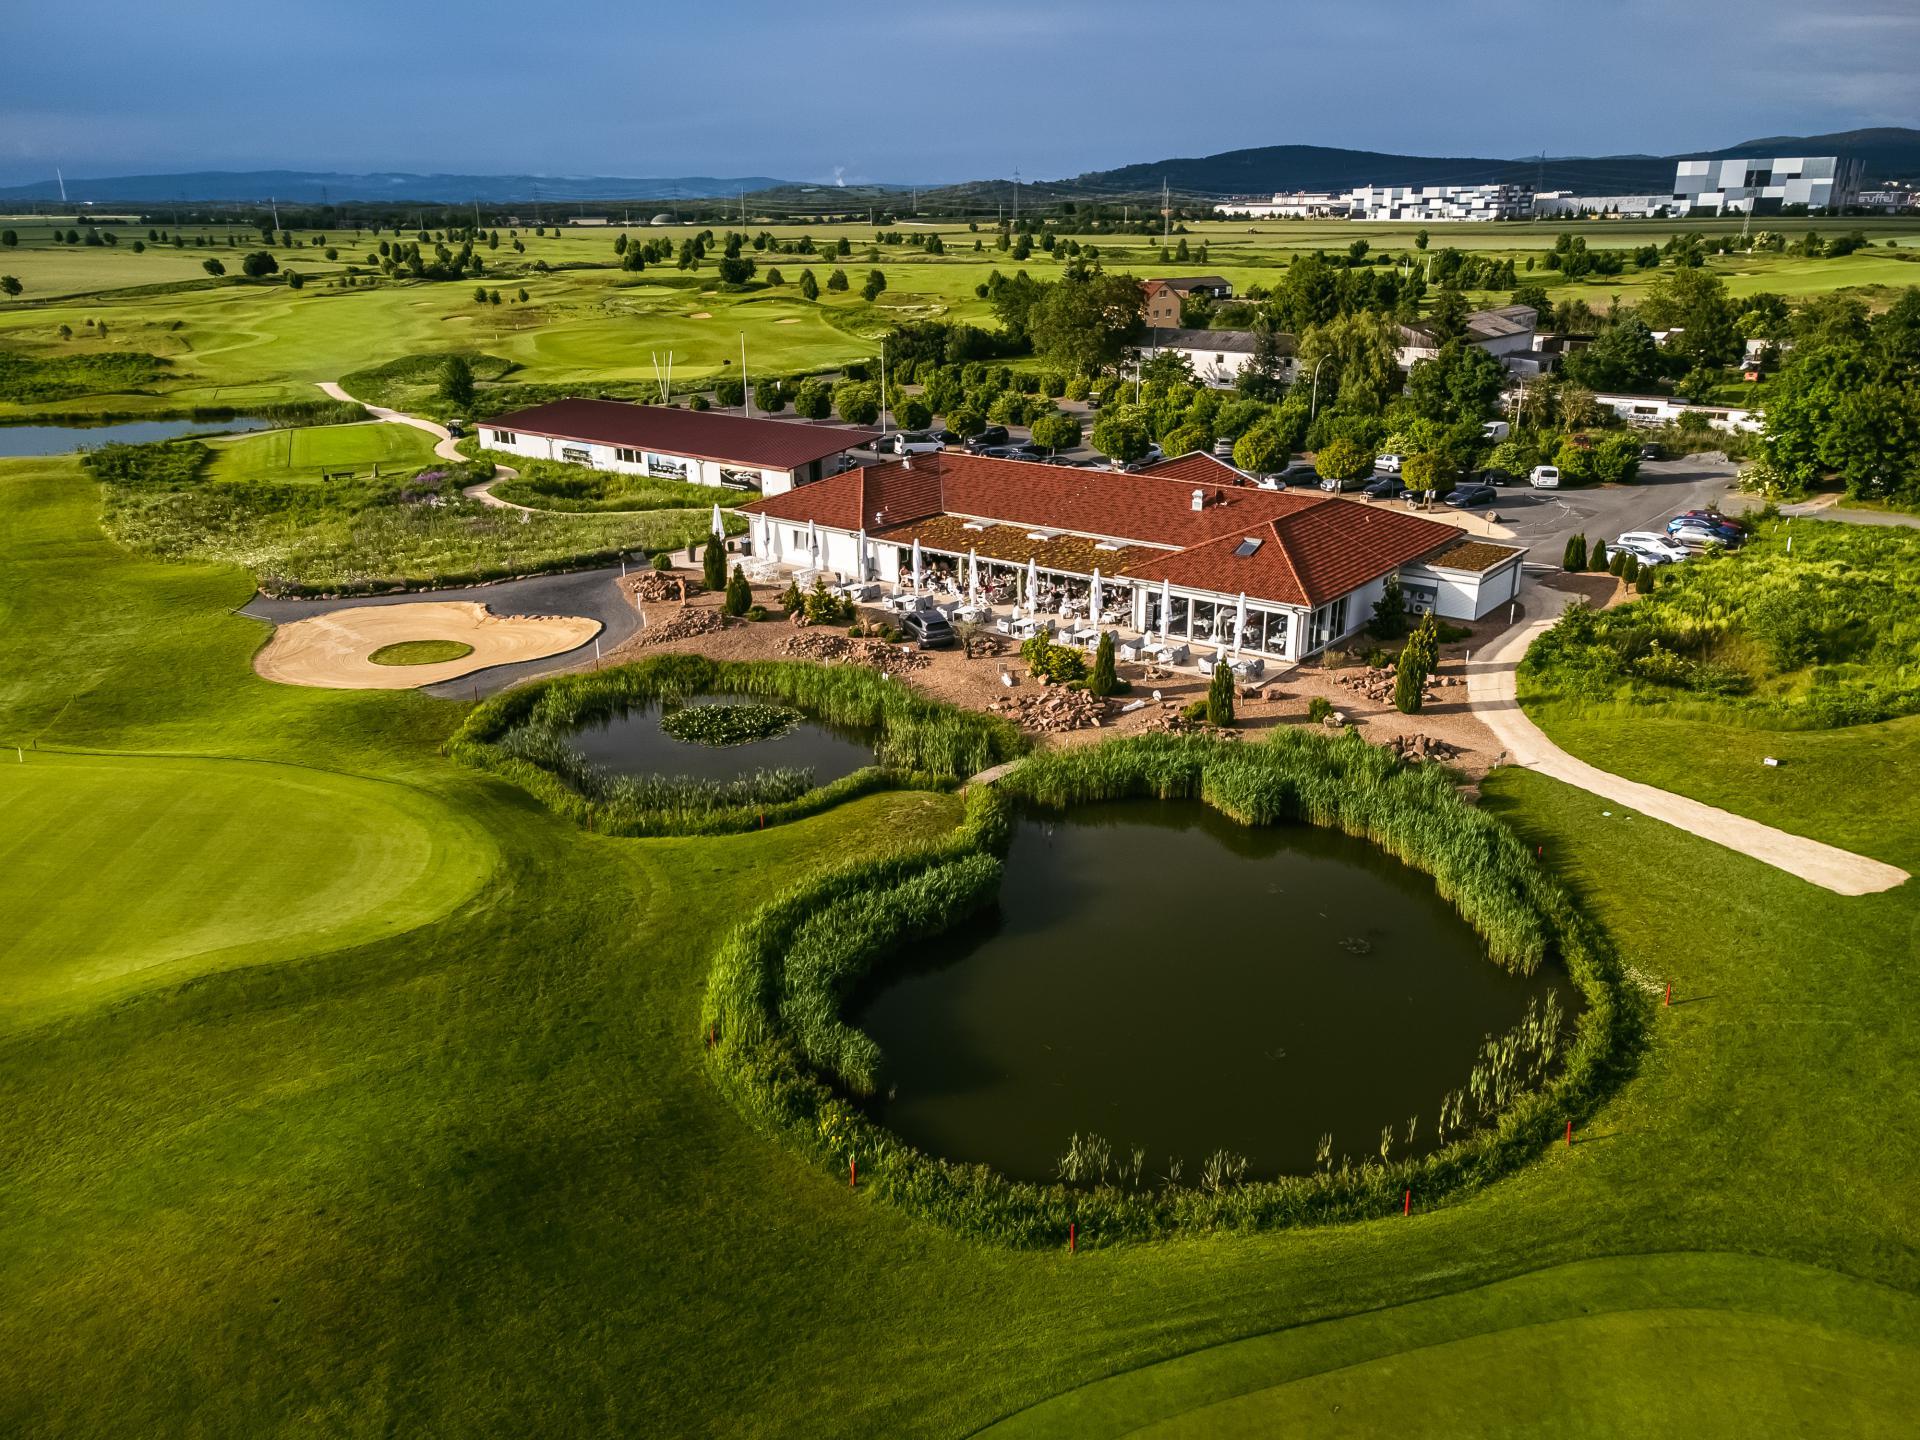 Restaurant Rosenhof & Lounge - Golfpark Rosenhof